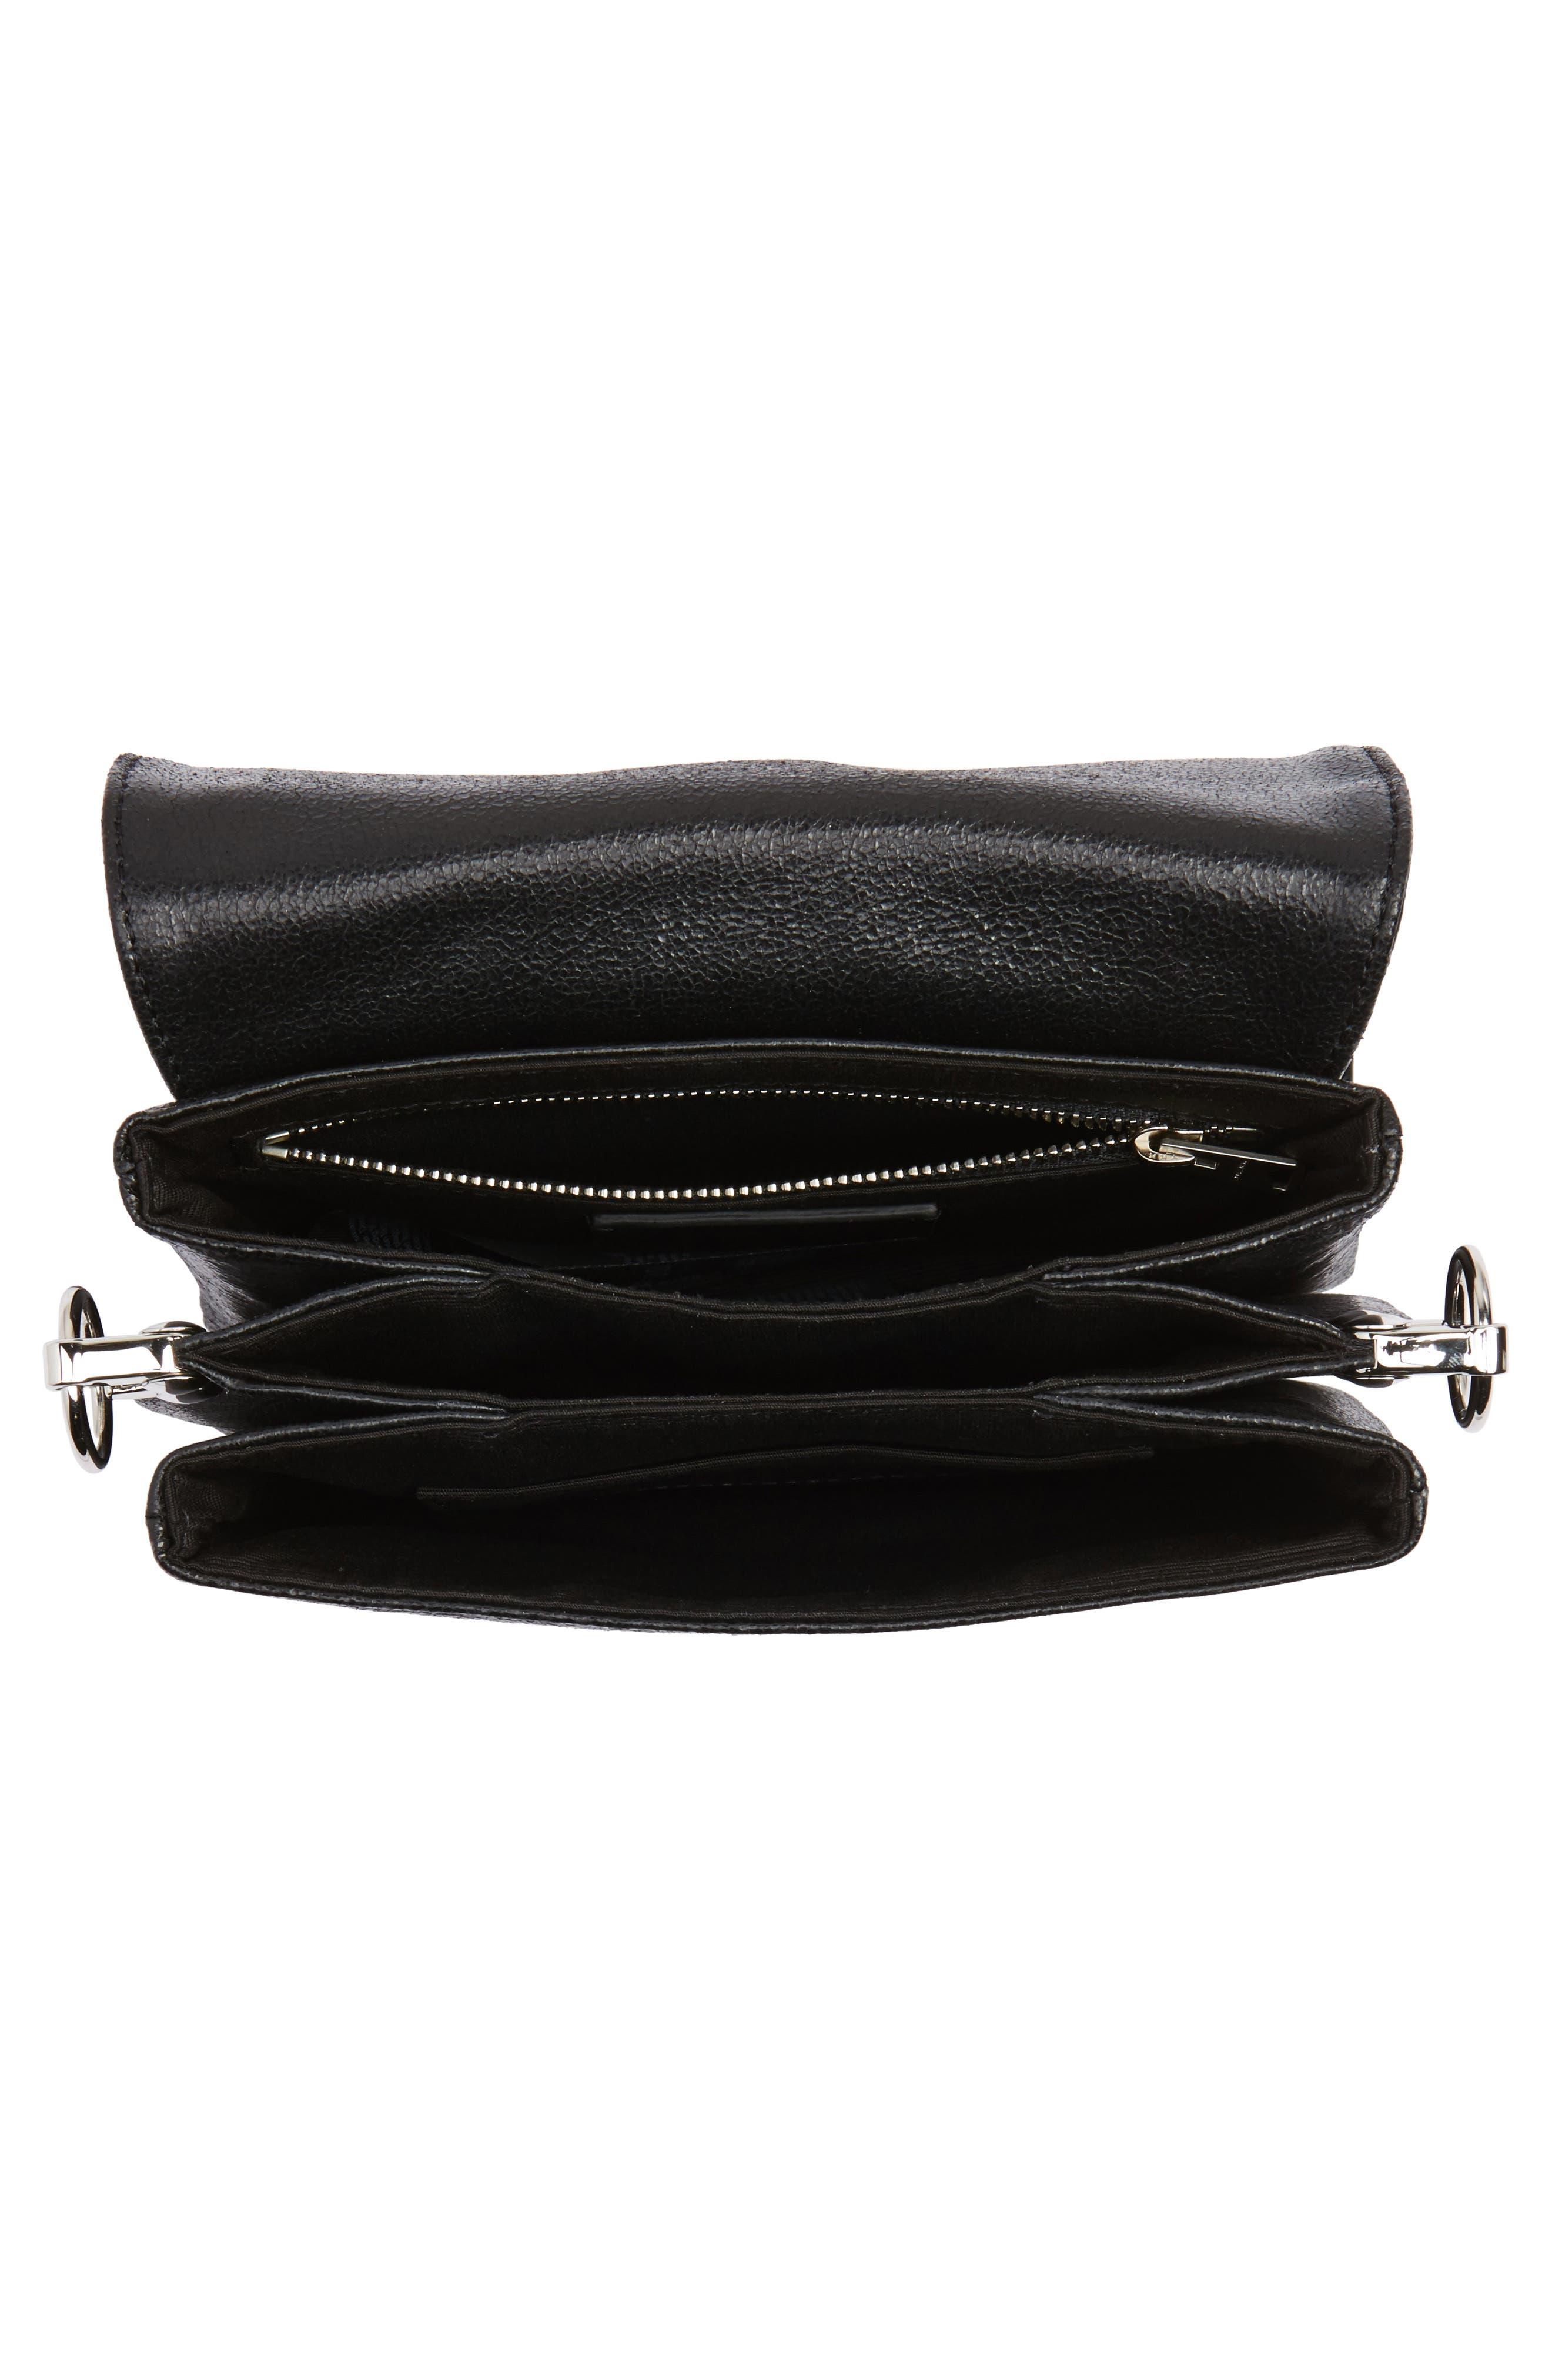 Zep Leather Shoulder Bag,                             Alternate thumbnail 4, color,                             001